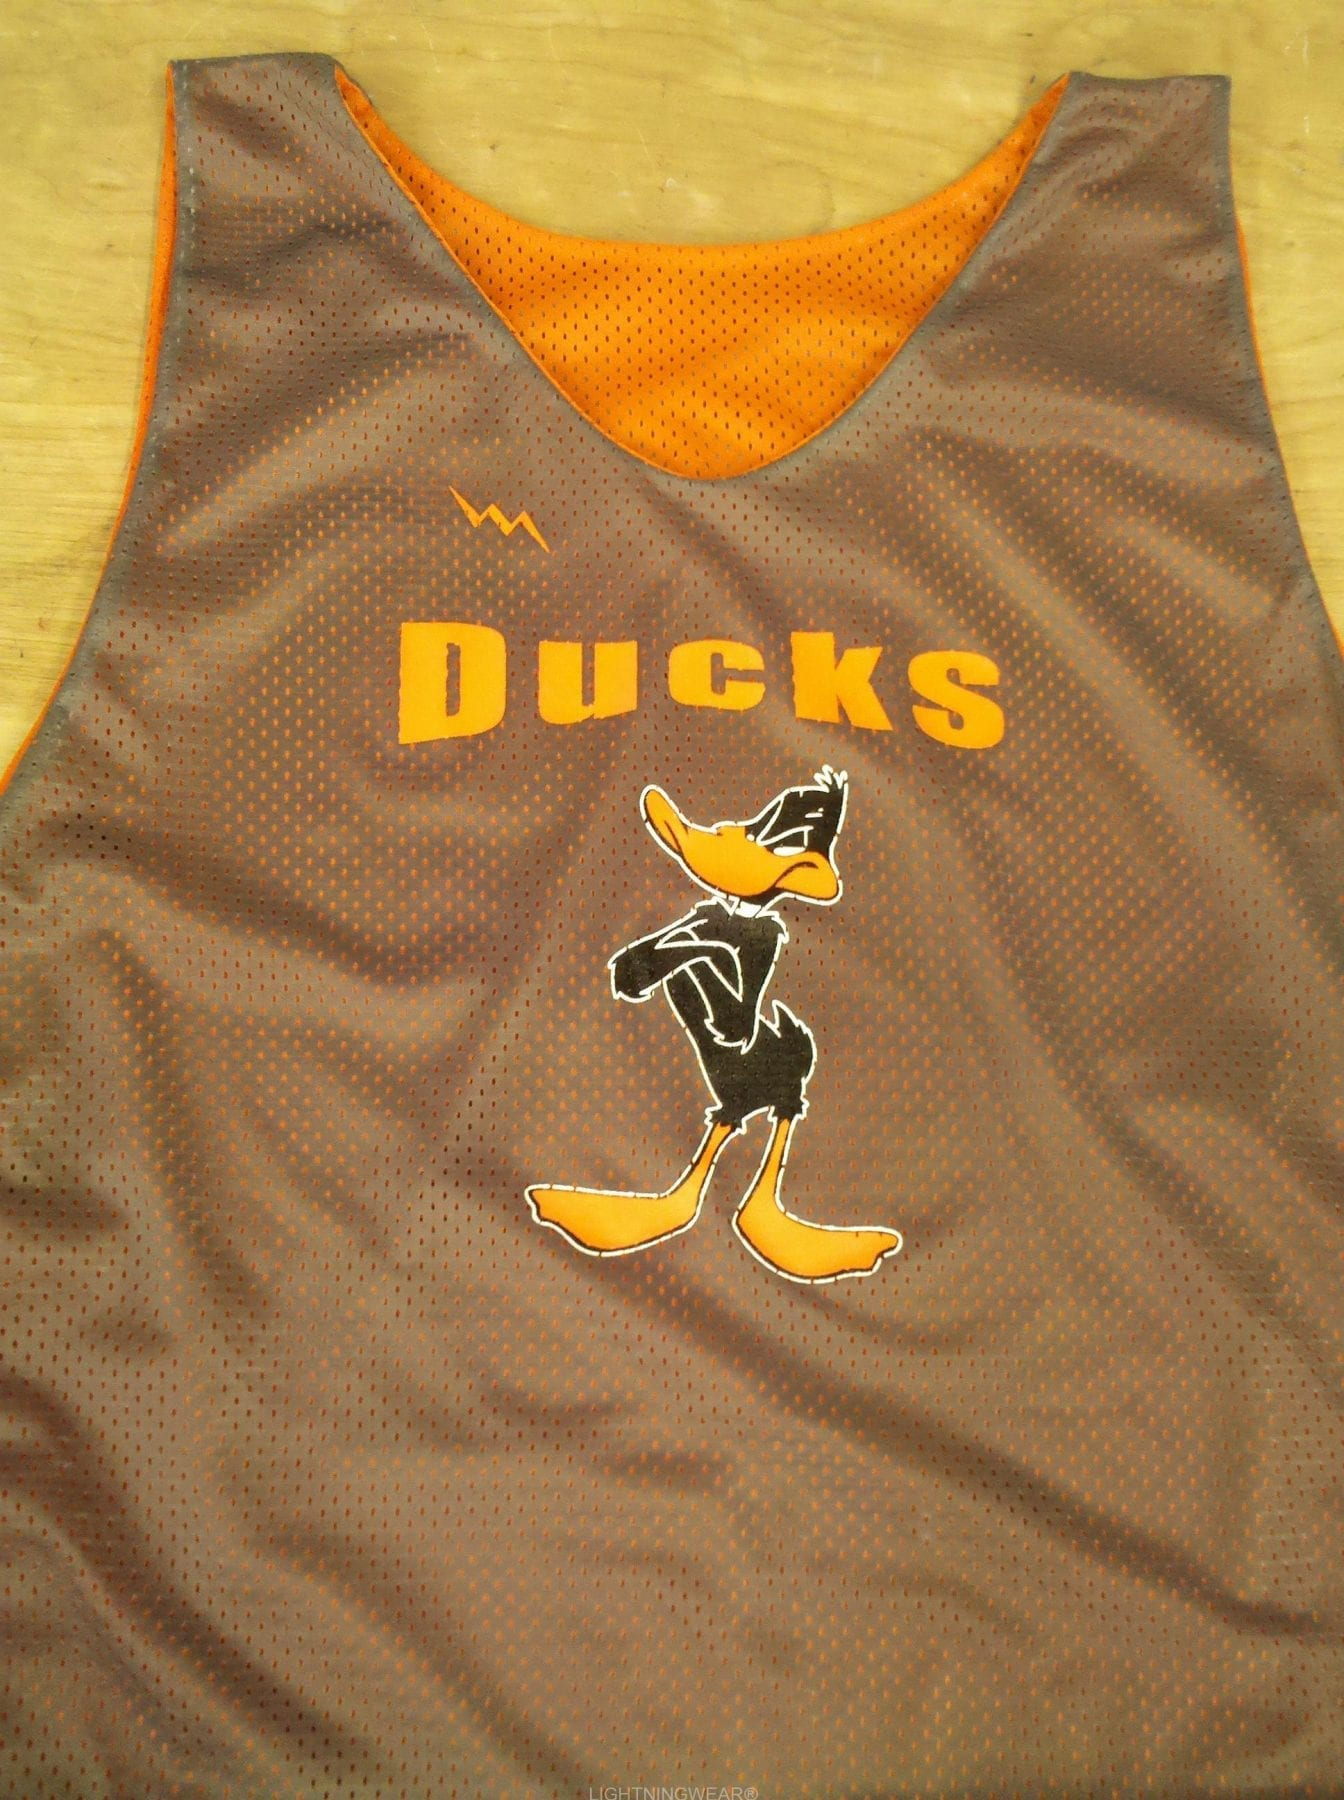 ducks lacrosse pinnies